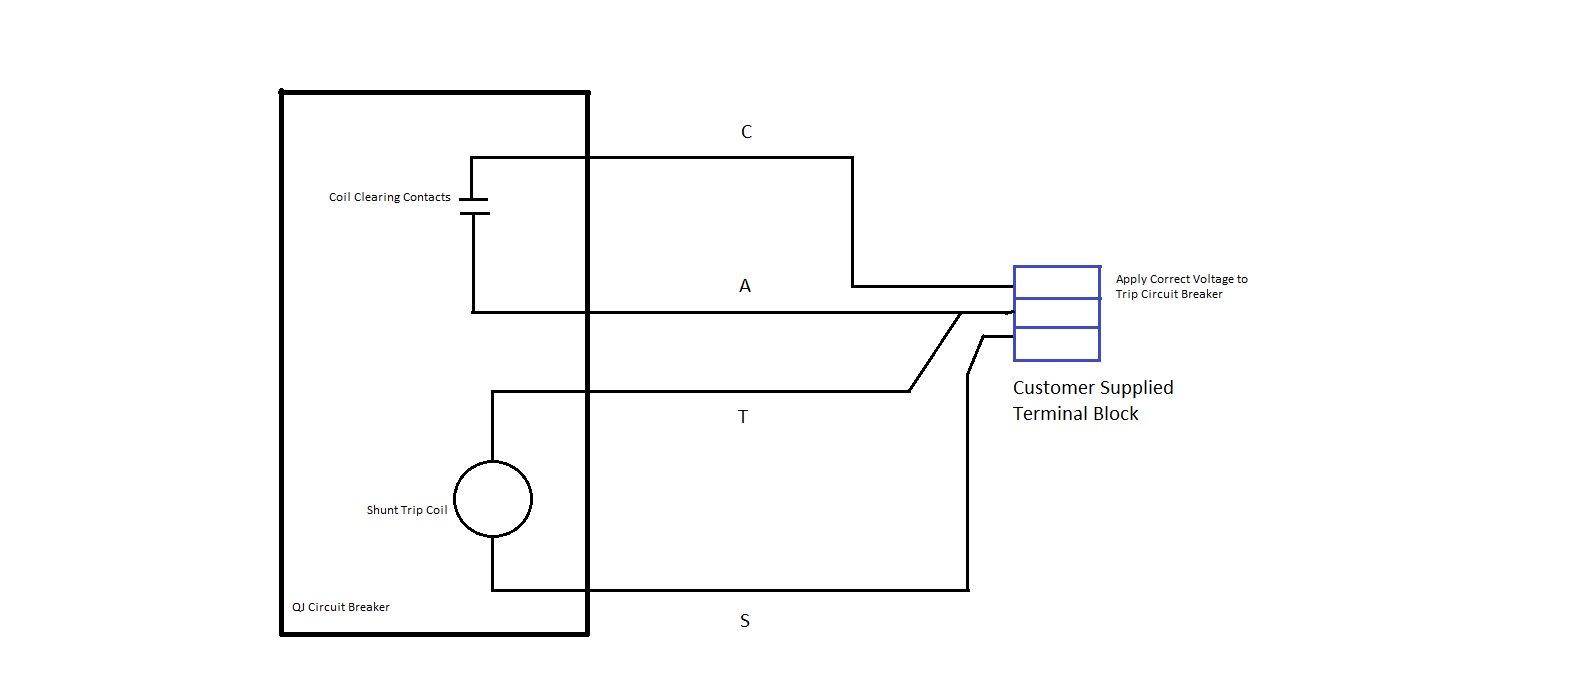 [DIAGRAM_5LK]  SA_3101] Shunt Trip Breaker Wiring Diagram On Ill 14 4 Wiring Diagram Of A Wiring  Diagram | Wiring Diagram Shunt Trip Breaker Circuits This |  | Ricis Egre Mohammedshrine Librar Wiring 101